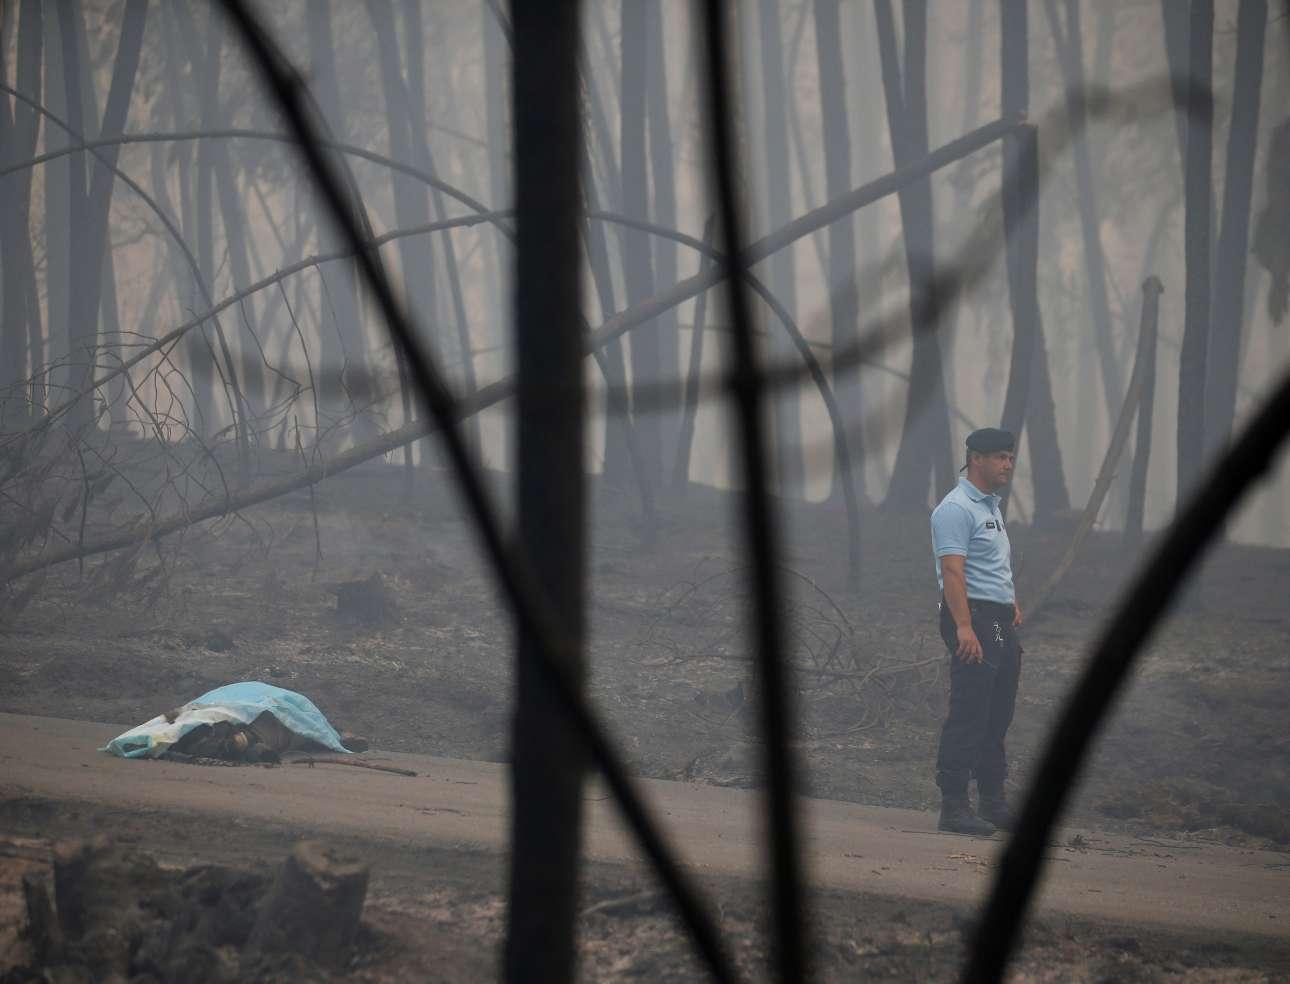 Ενα από τα θύματα της πυρκαγιάς, κάτω από κουβέρτα, στο δάσος που βρίσκεται δίπλα σε αυτοκινητόδρομο, στο Πεντρογκάο Γκράντε. Η κυβέρνηση κήρυξε τρεις ημέρες εθνικού πένθους